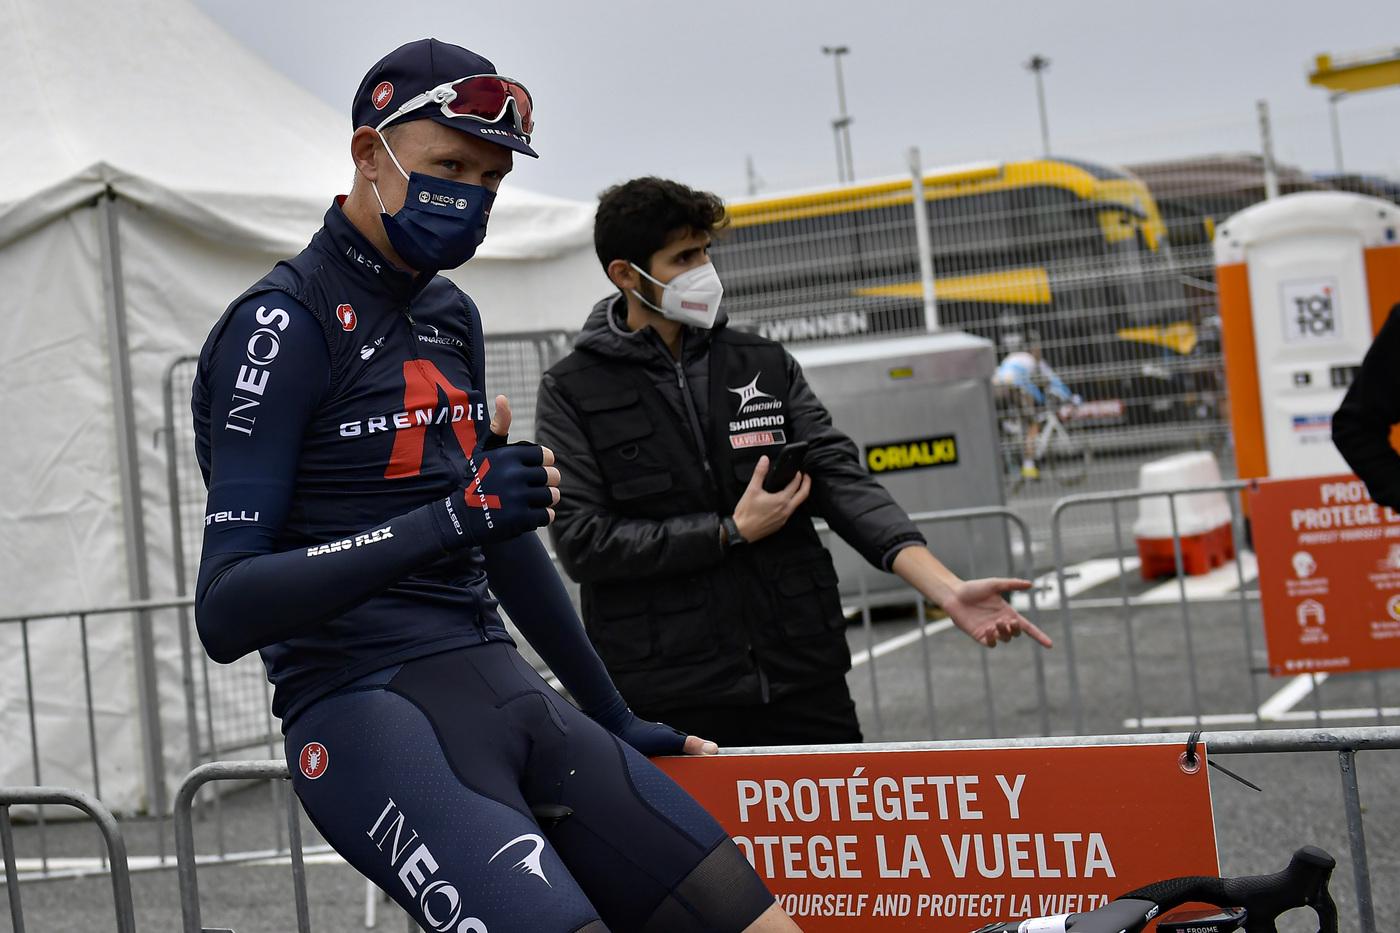 """Vuelta a España 2020, Chris Froome: """"Mi sento meglio rispetto alle gare precedenti, proverò a vincere una tappa"""""""